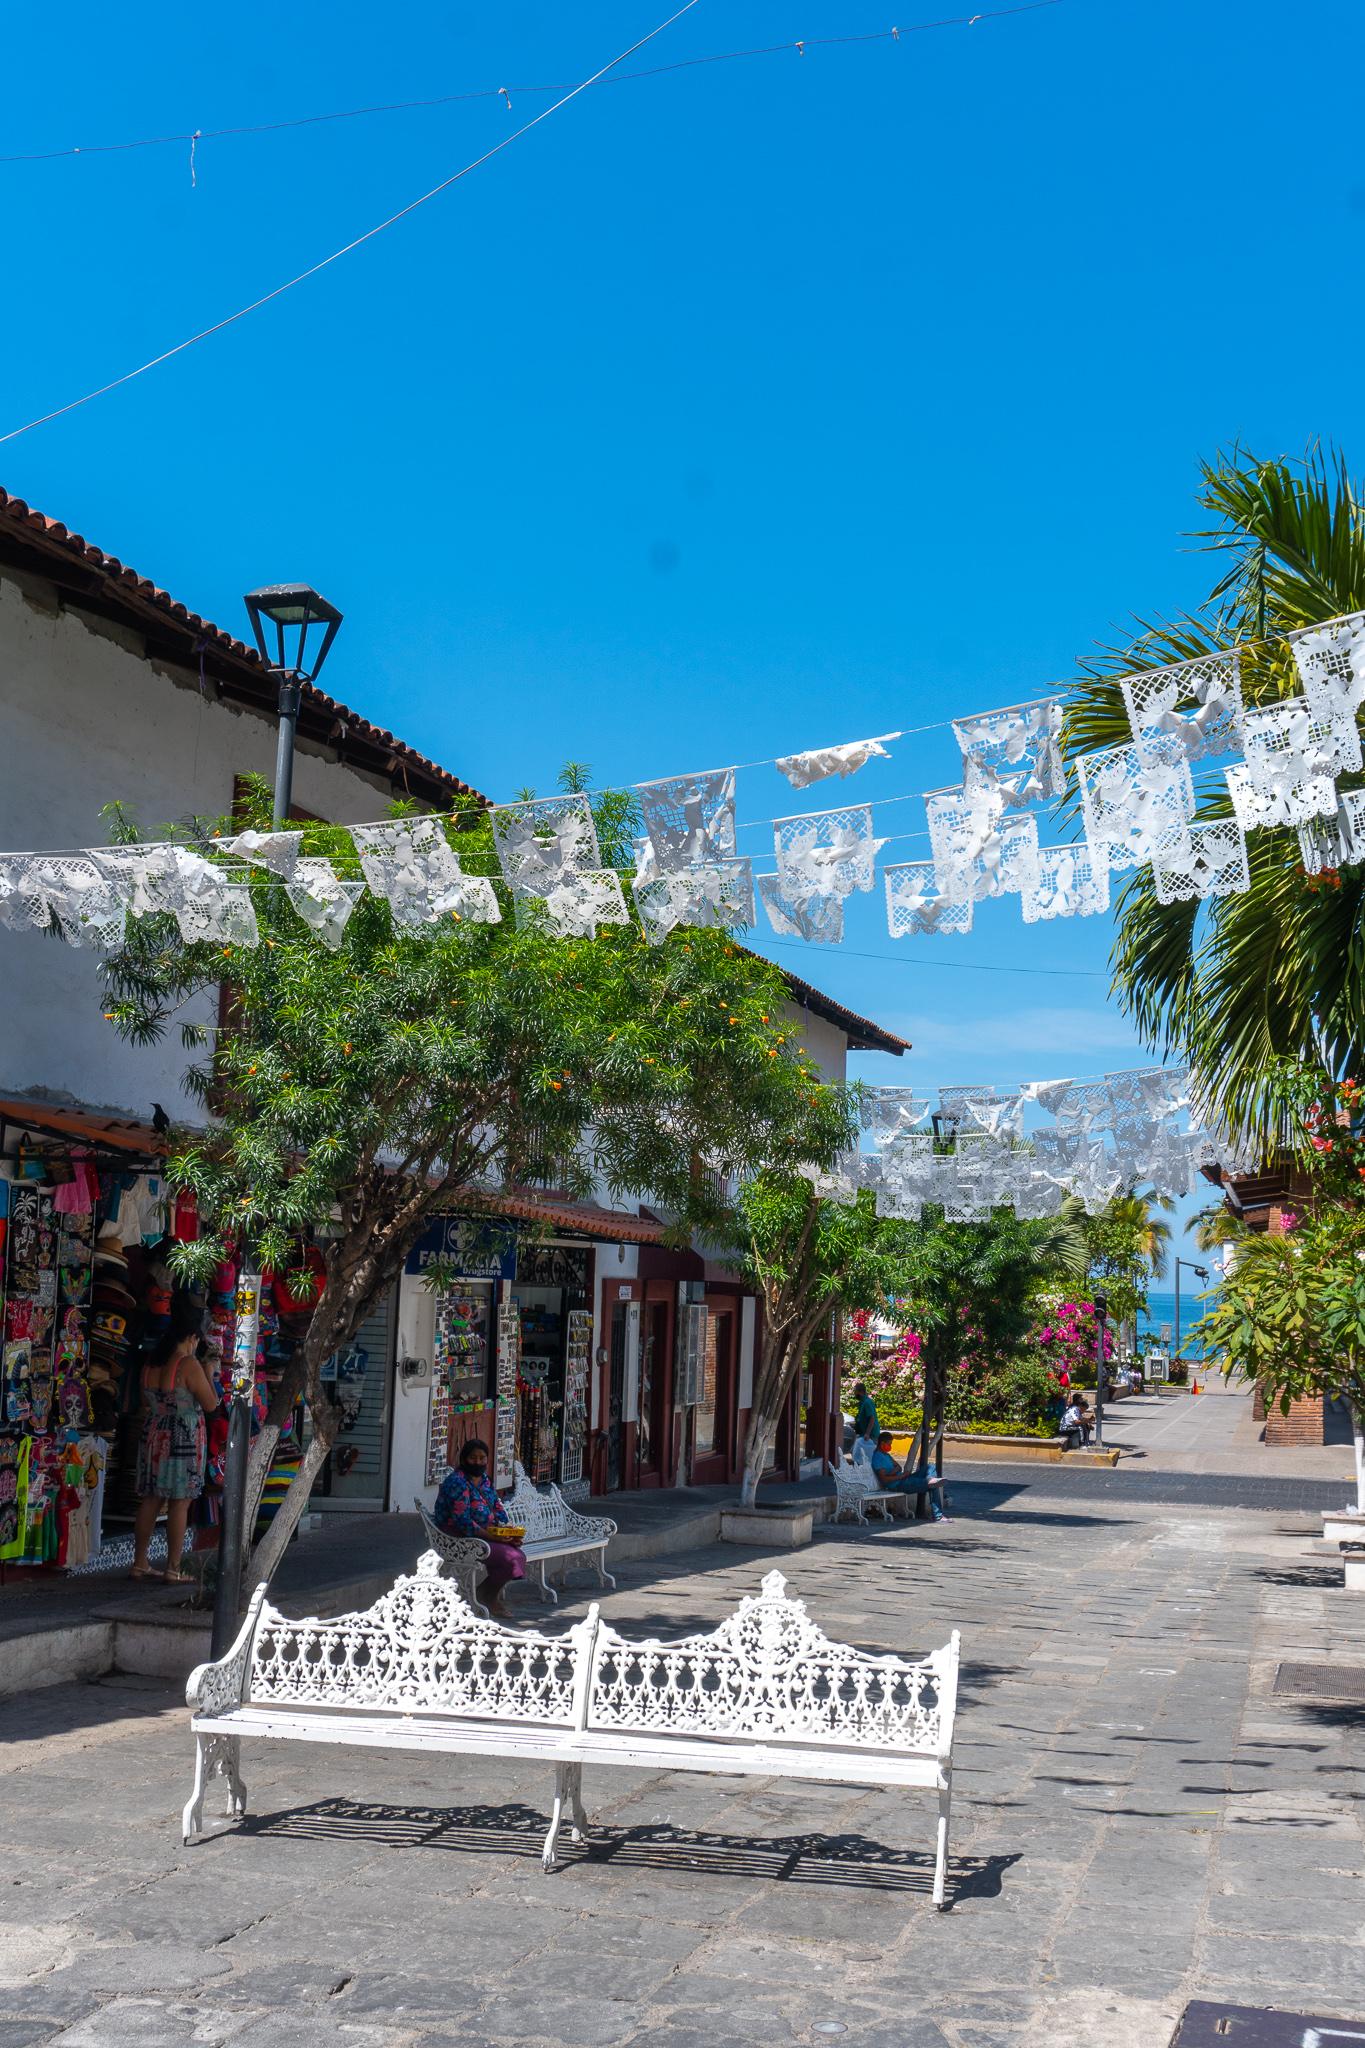 Exploring the vibrant city of Puerto Vallarta, Mexico.